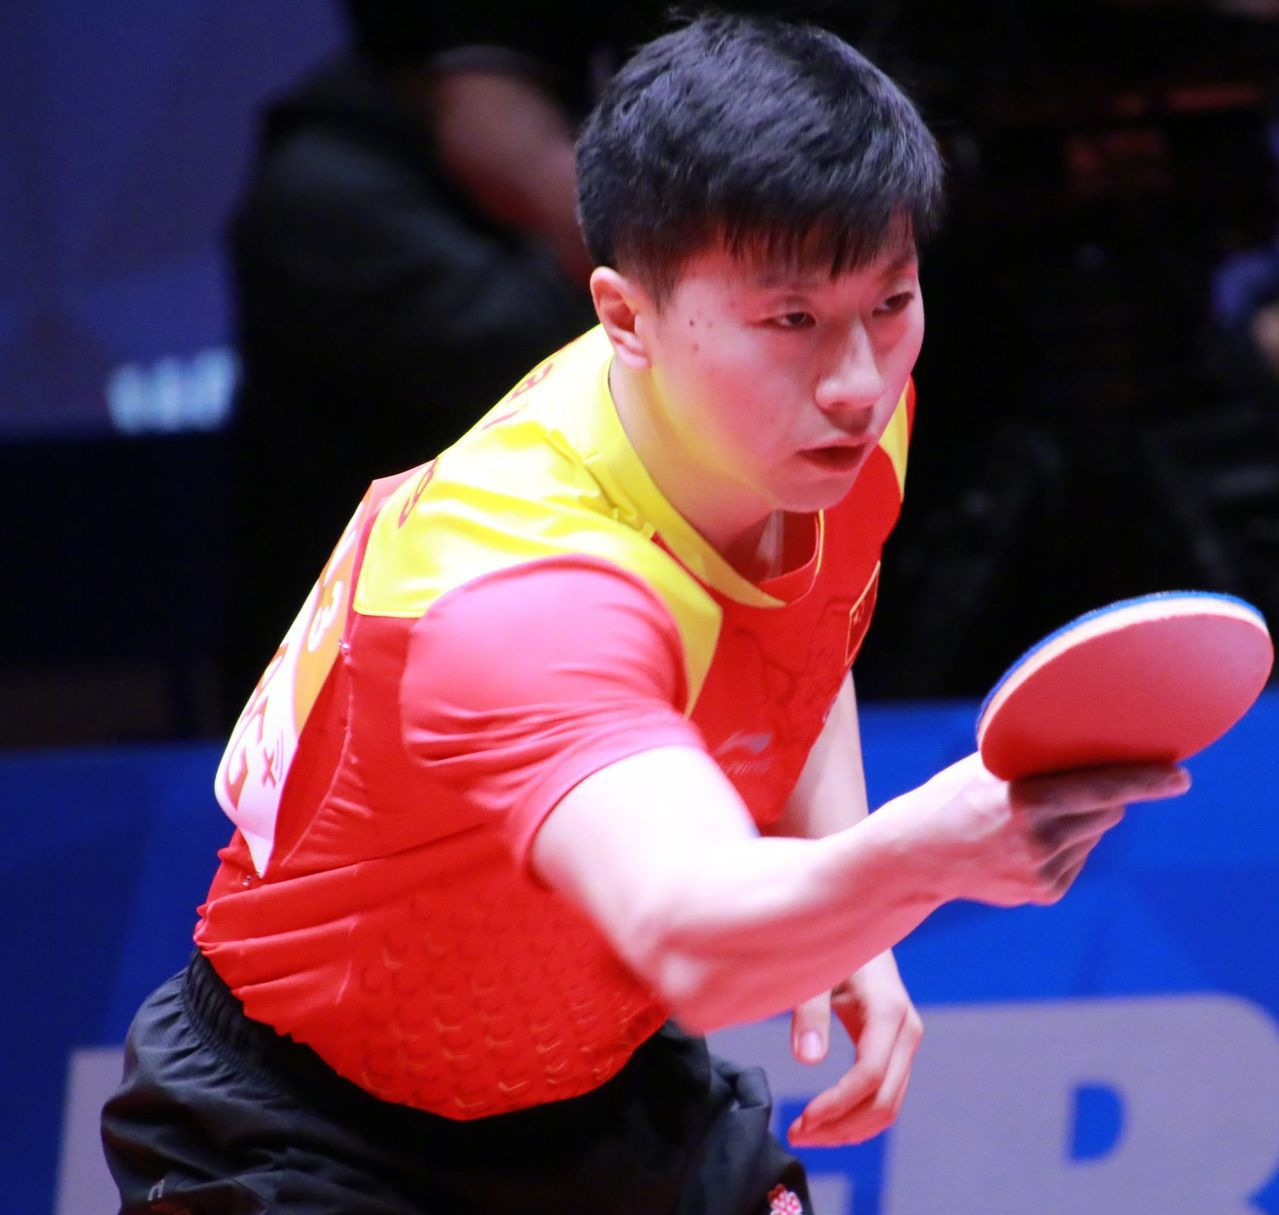 馬龍除了乒乓球厲害,英文也是一霸。 圖/取自微博